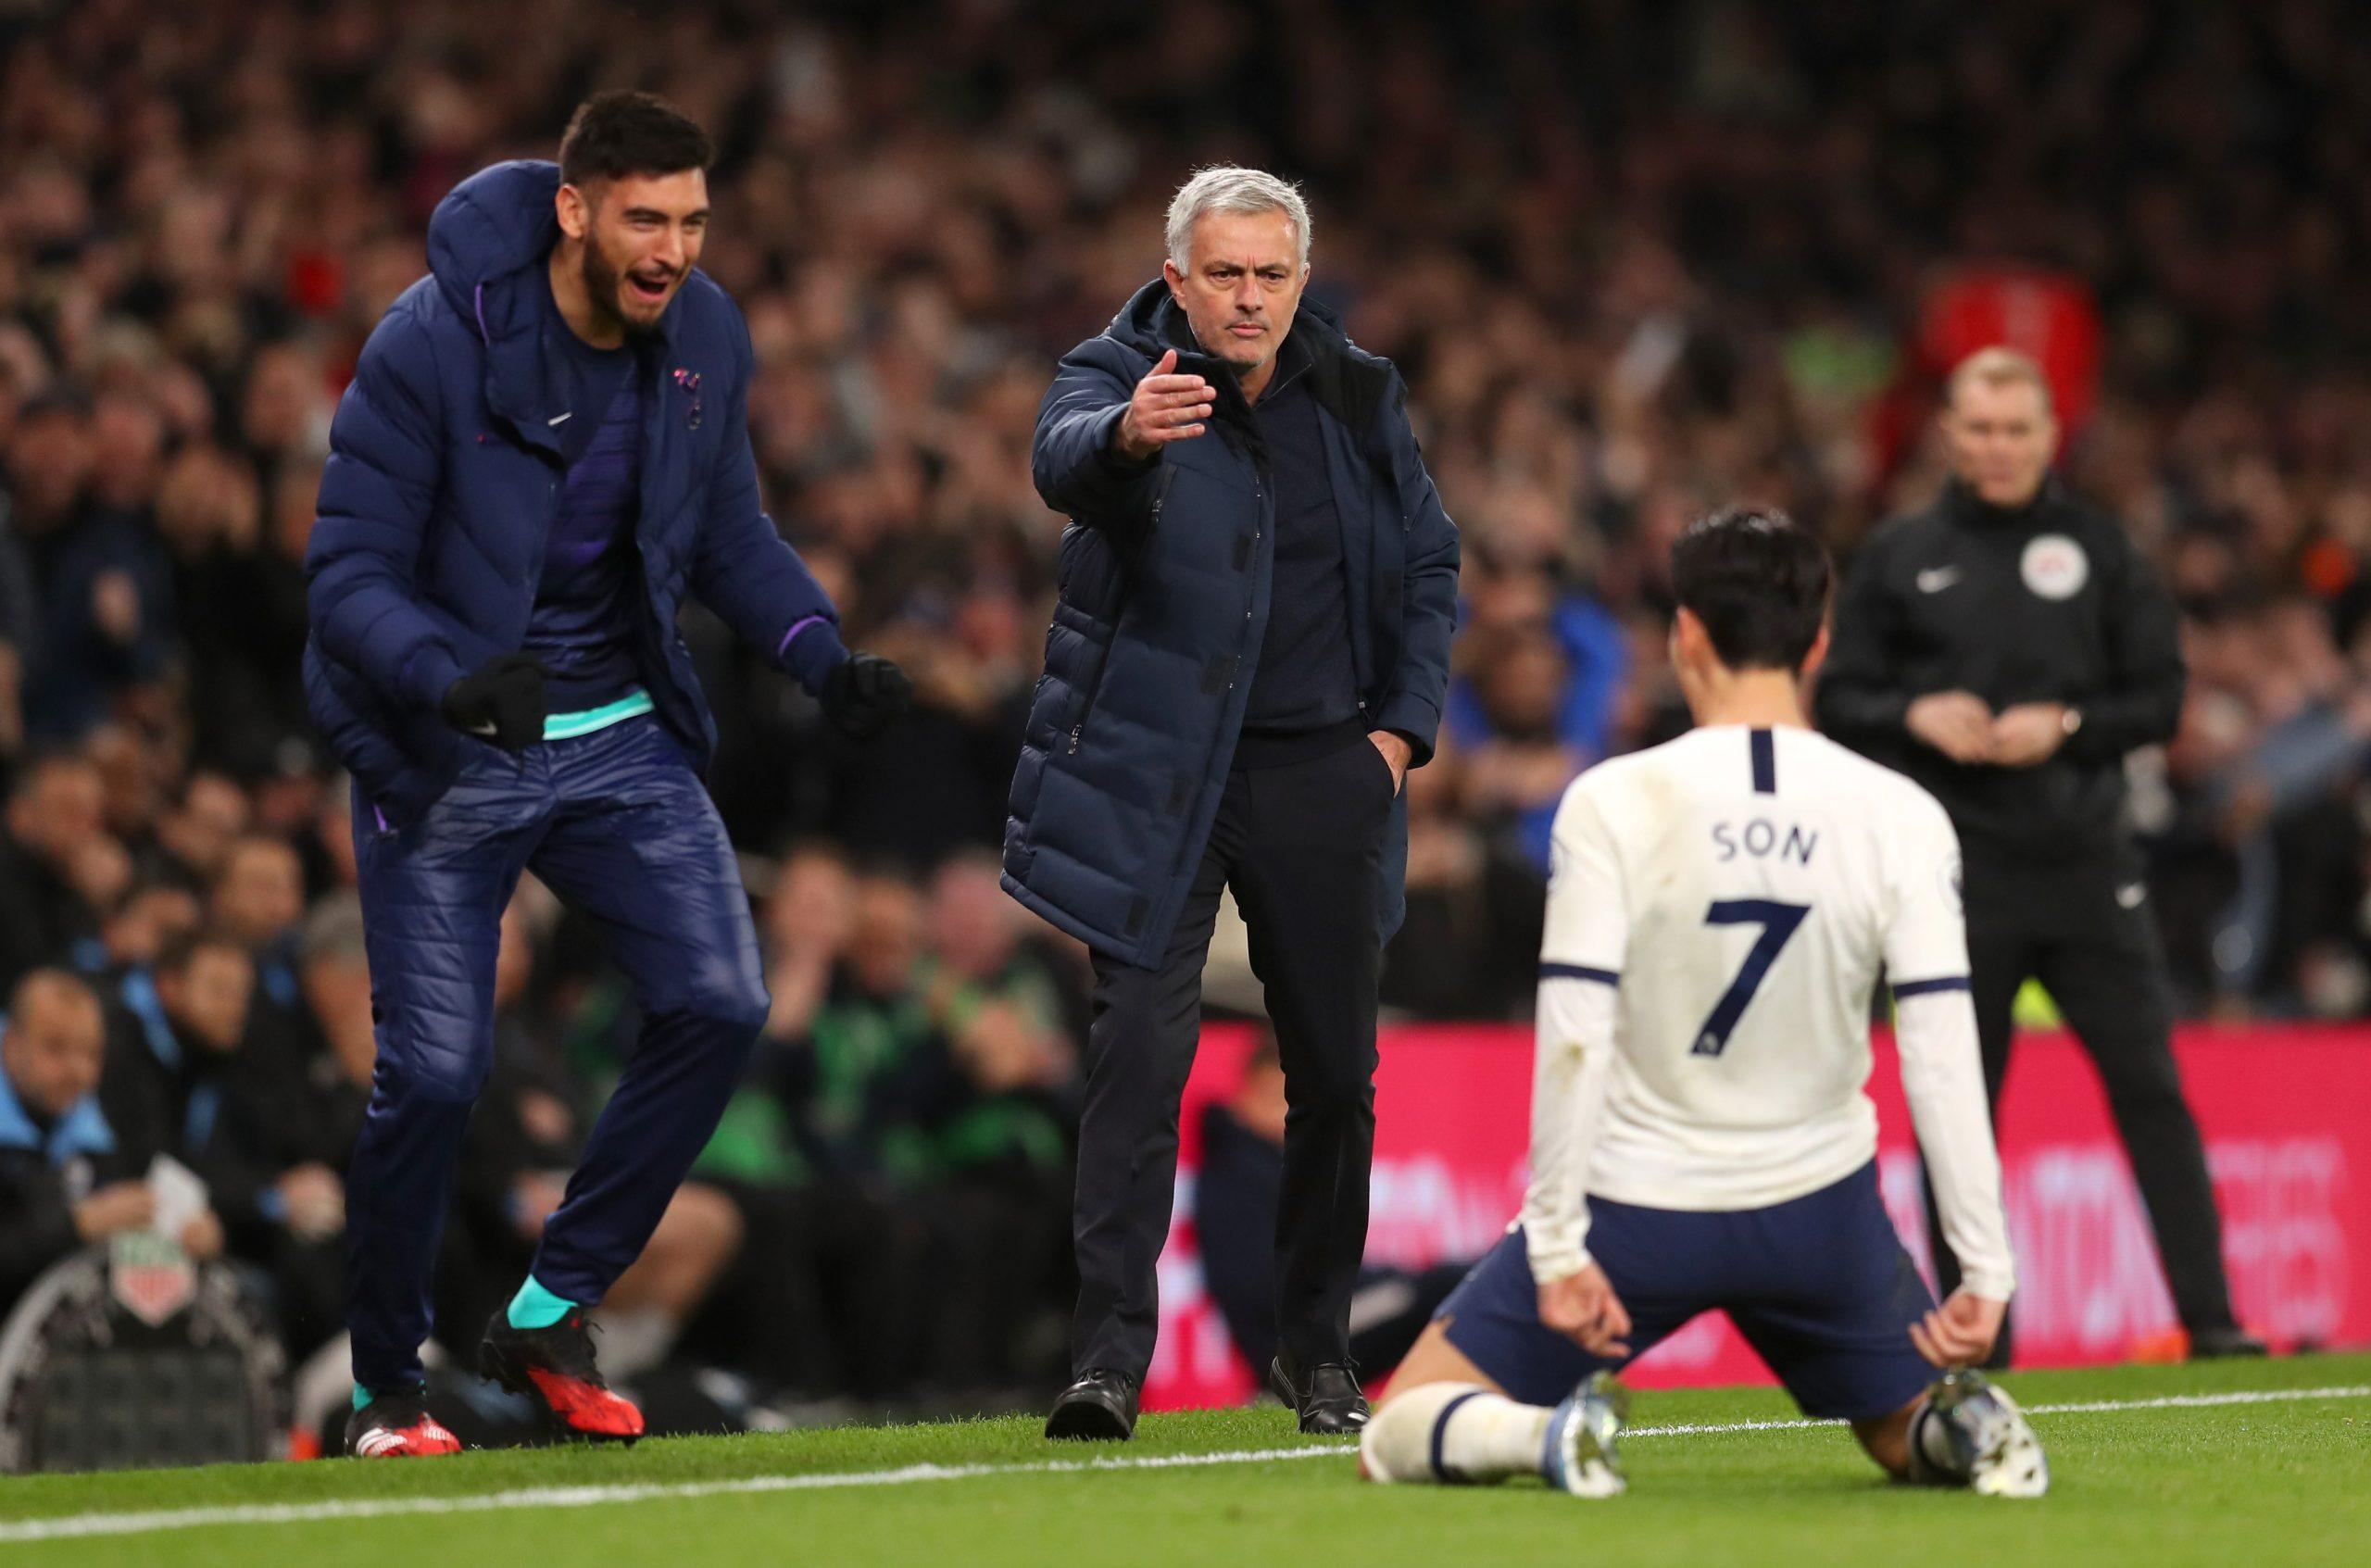 В БК BetBoom оценили вероятность гола Хынмин Сона в ворота «Манчестер Сити»